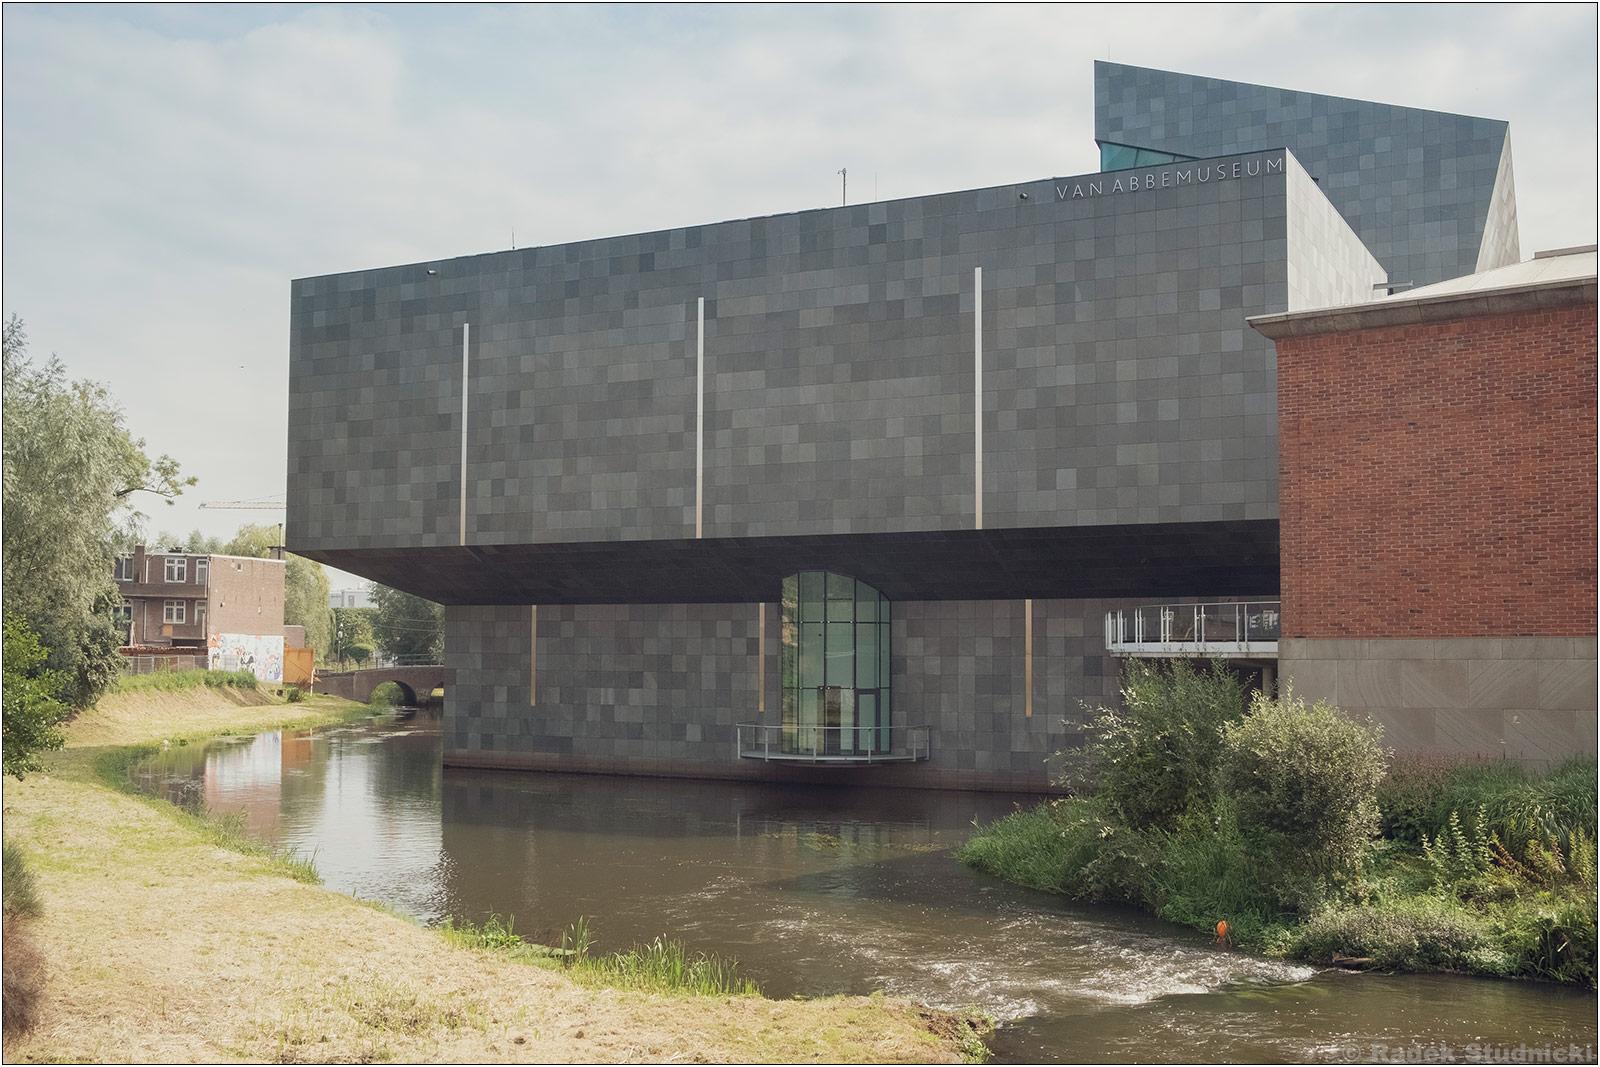 Muzeum Van Abbe